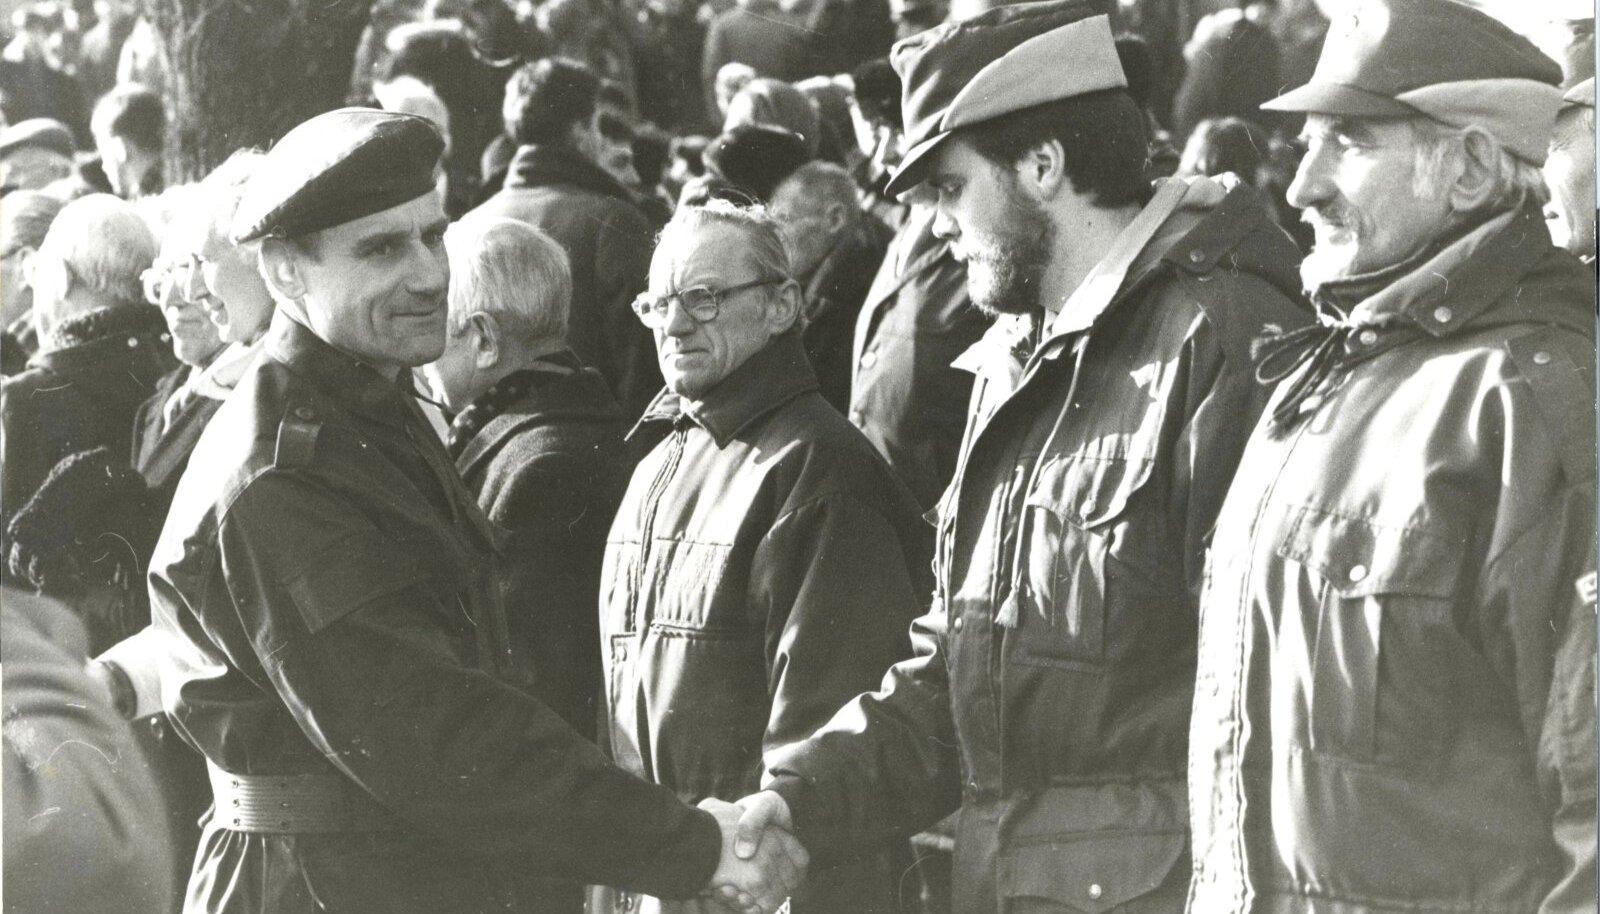 1992. aasta veebruaris toimus Vabaduse väljakul esimene taasiseseisvumise järgne vabariigi aastapäeva paraad. Paraadi juhatas kaitseväe peastaabi ülem Ants Laaneots, kel surub kätt toonane piirikaitseameti juht Andrus Öövel.